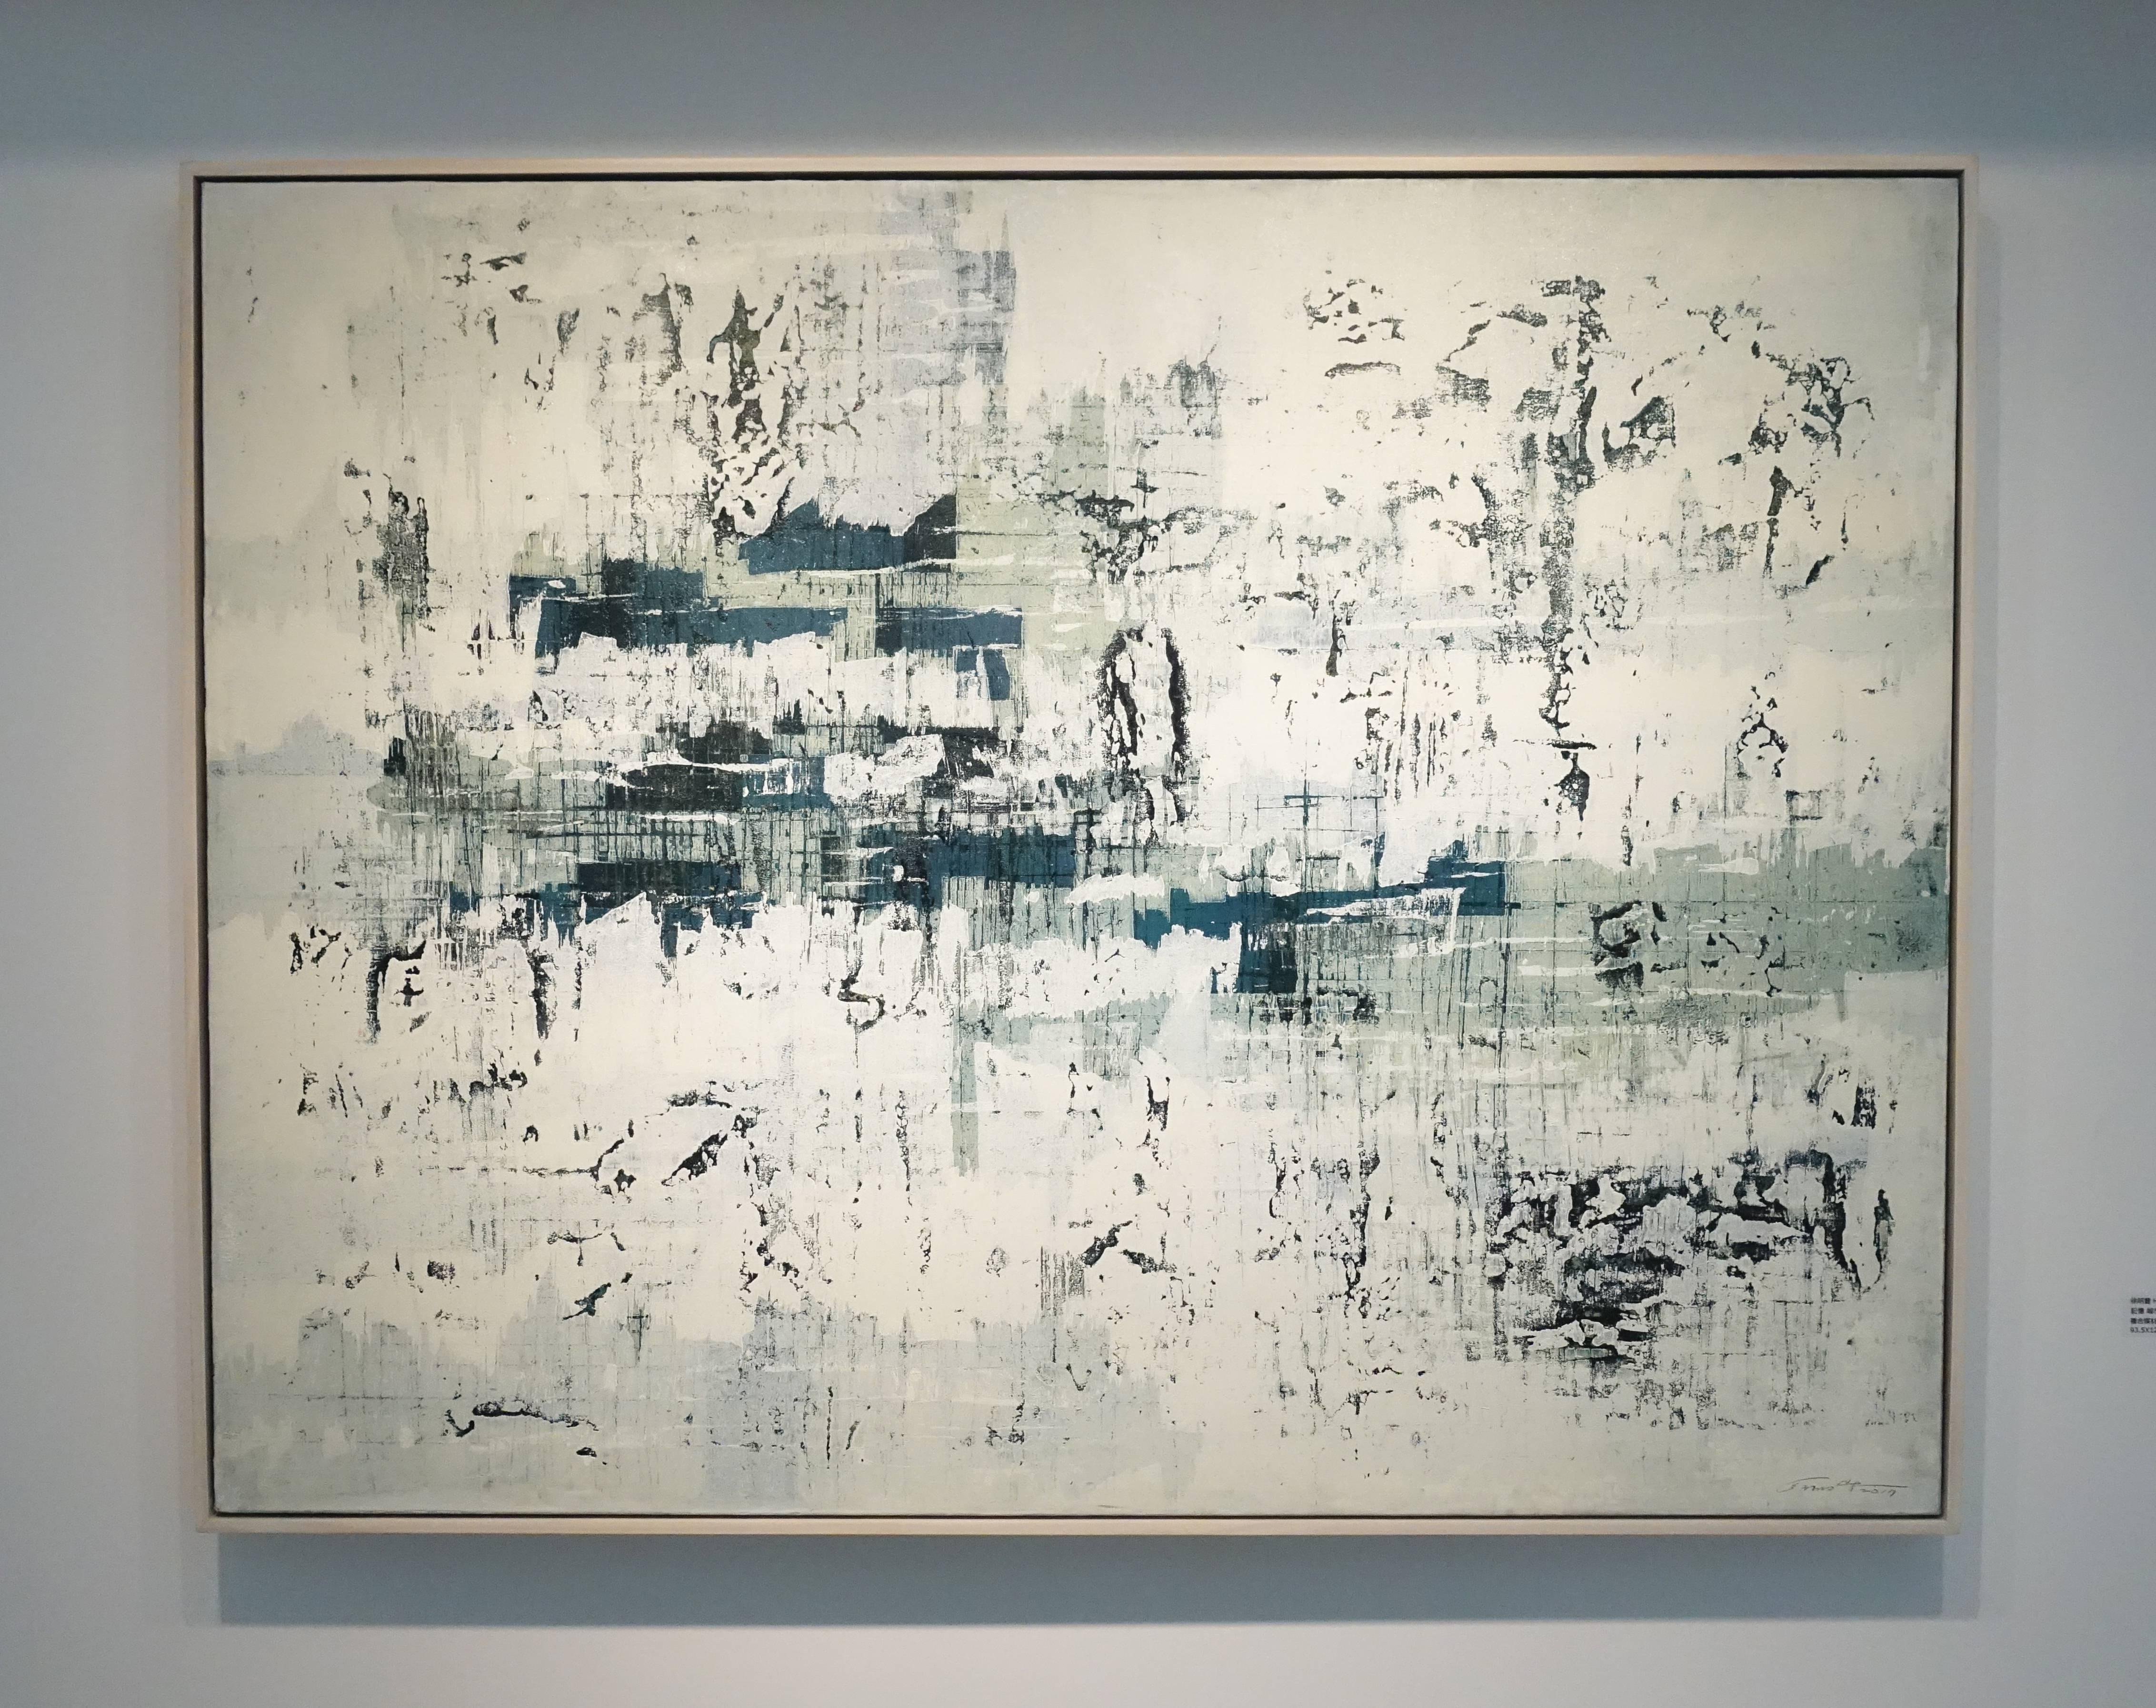 徐明豐,《記憶‧城市之一》,93.5 x 122 cm,複合媒材-畫布,2017。